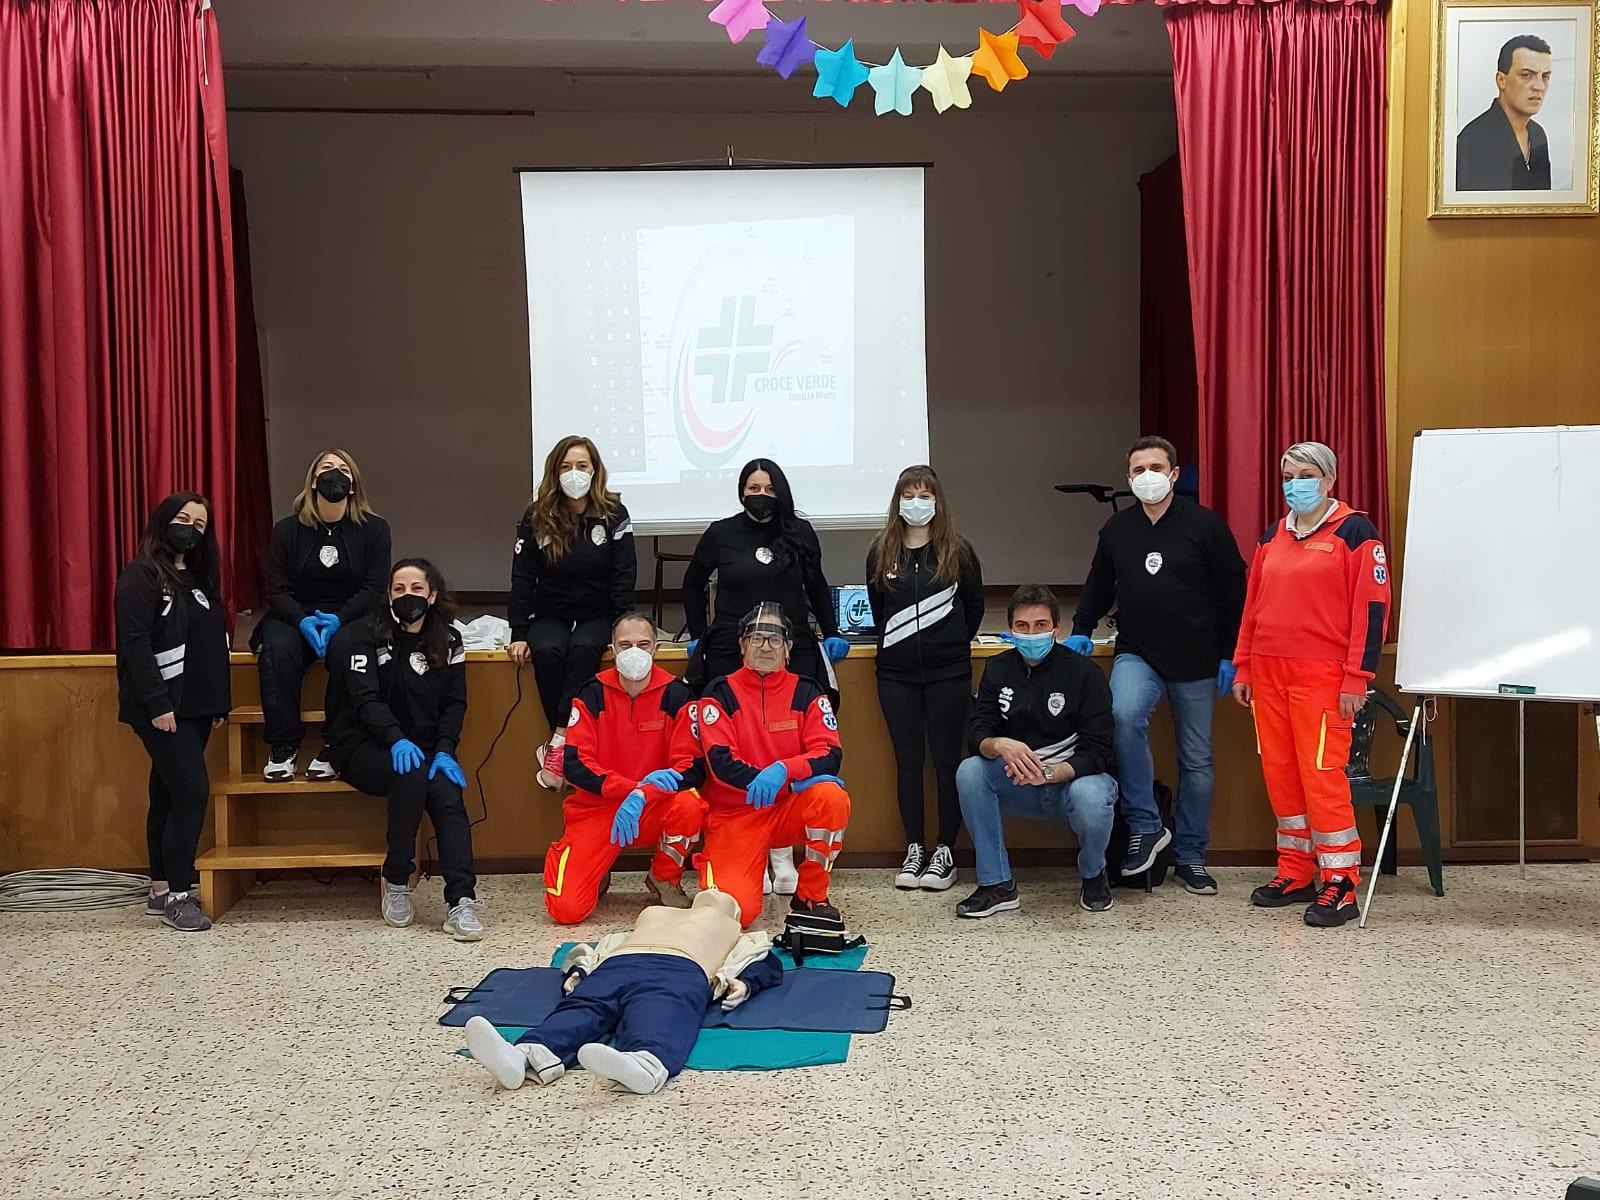 Una giornata all'insegna della sicurezza per l'A.S.D. Leonessa Avezzano con il corso BLS-D